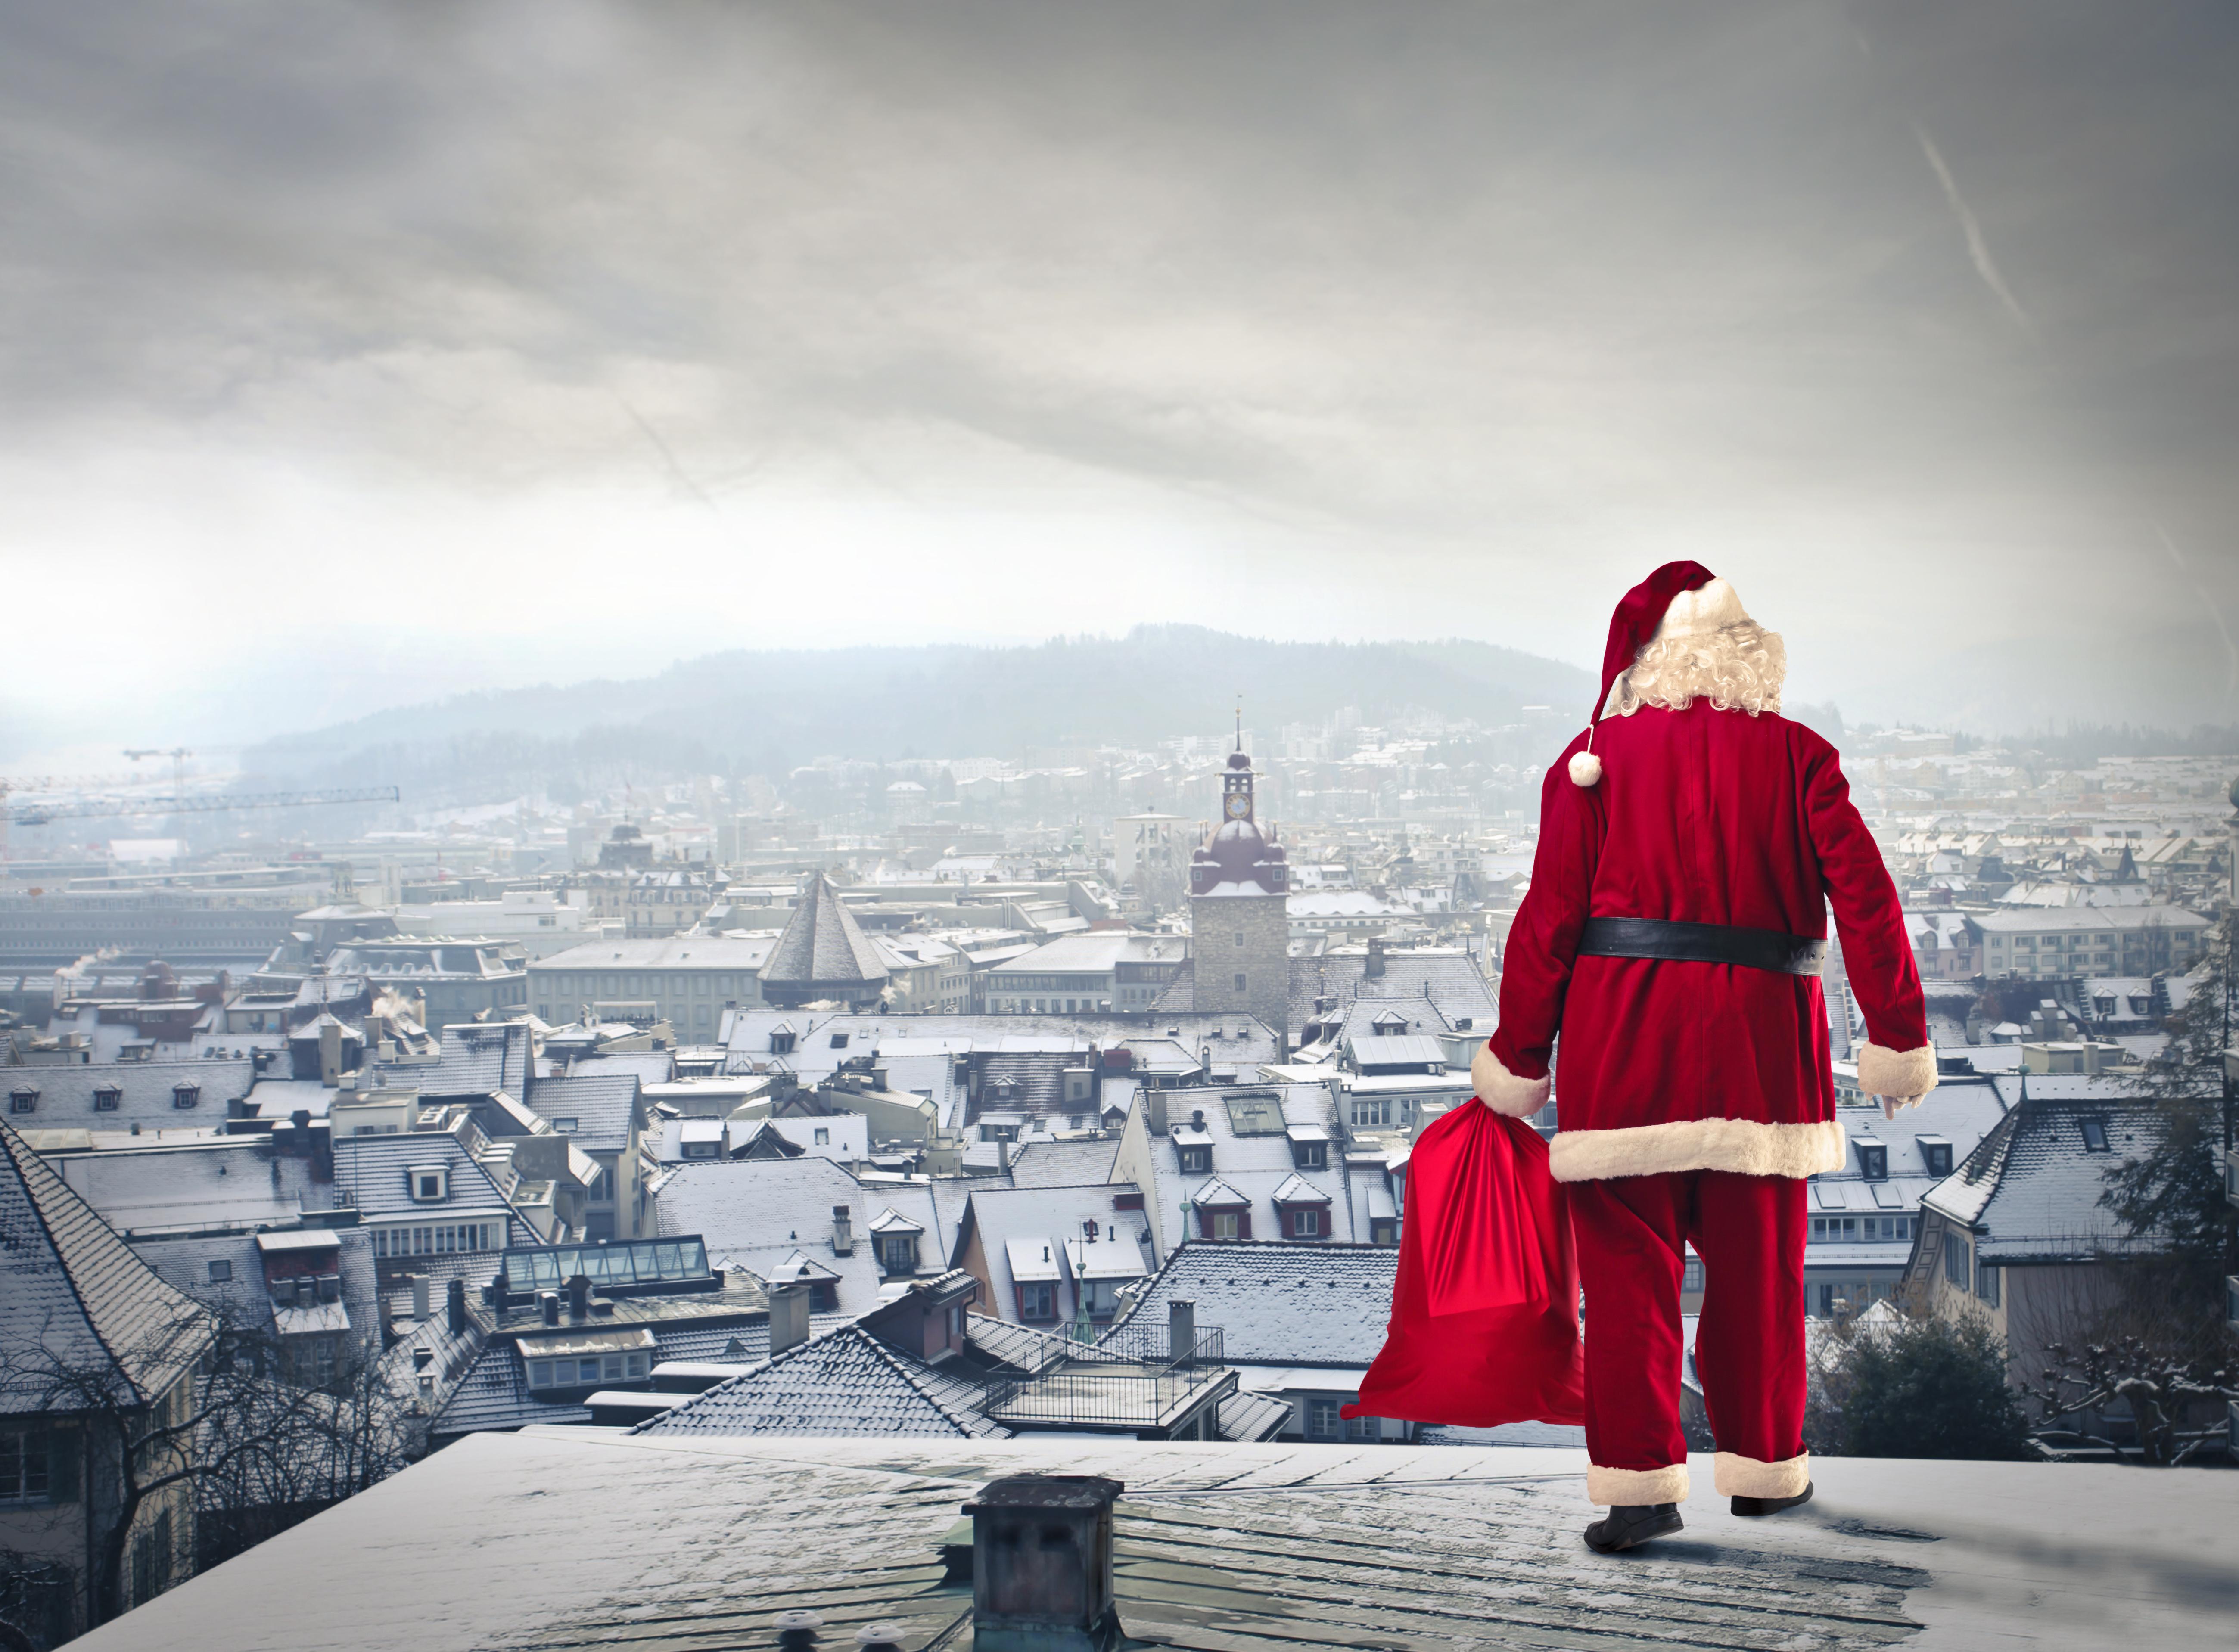 fotos neujahr weihnachtsmann schnee geschenke haus 5198x3836